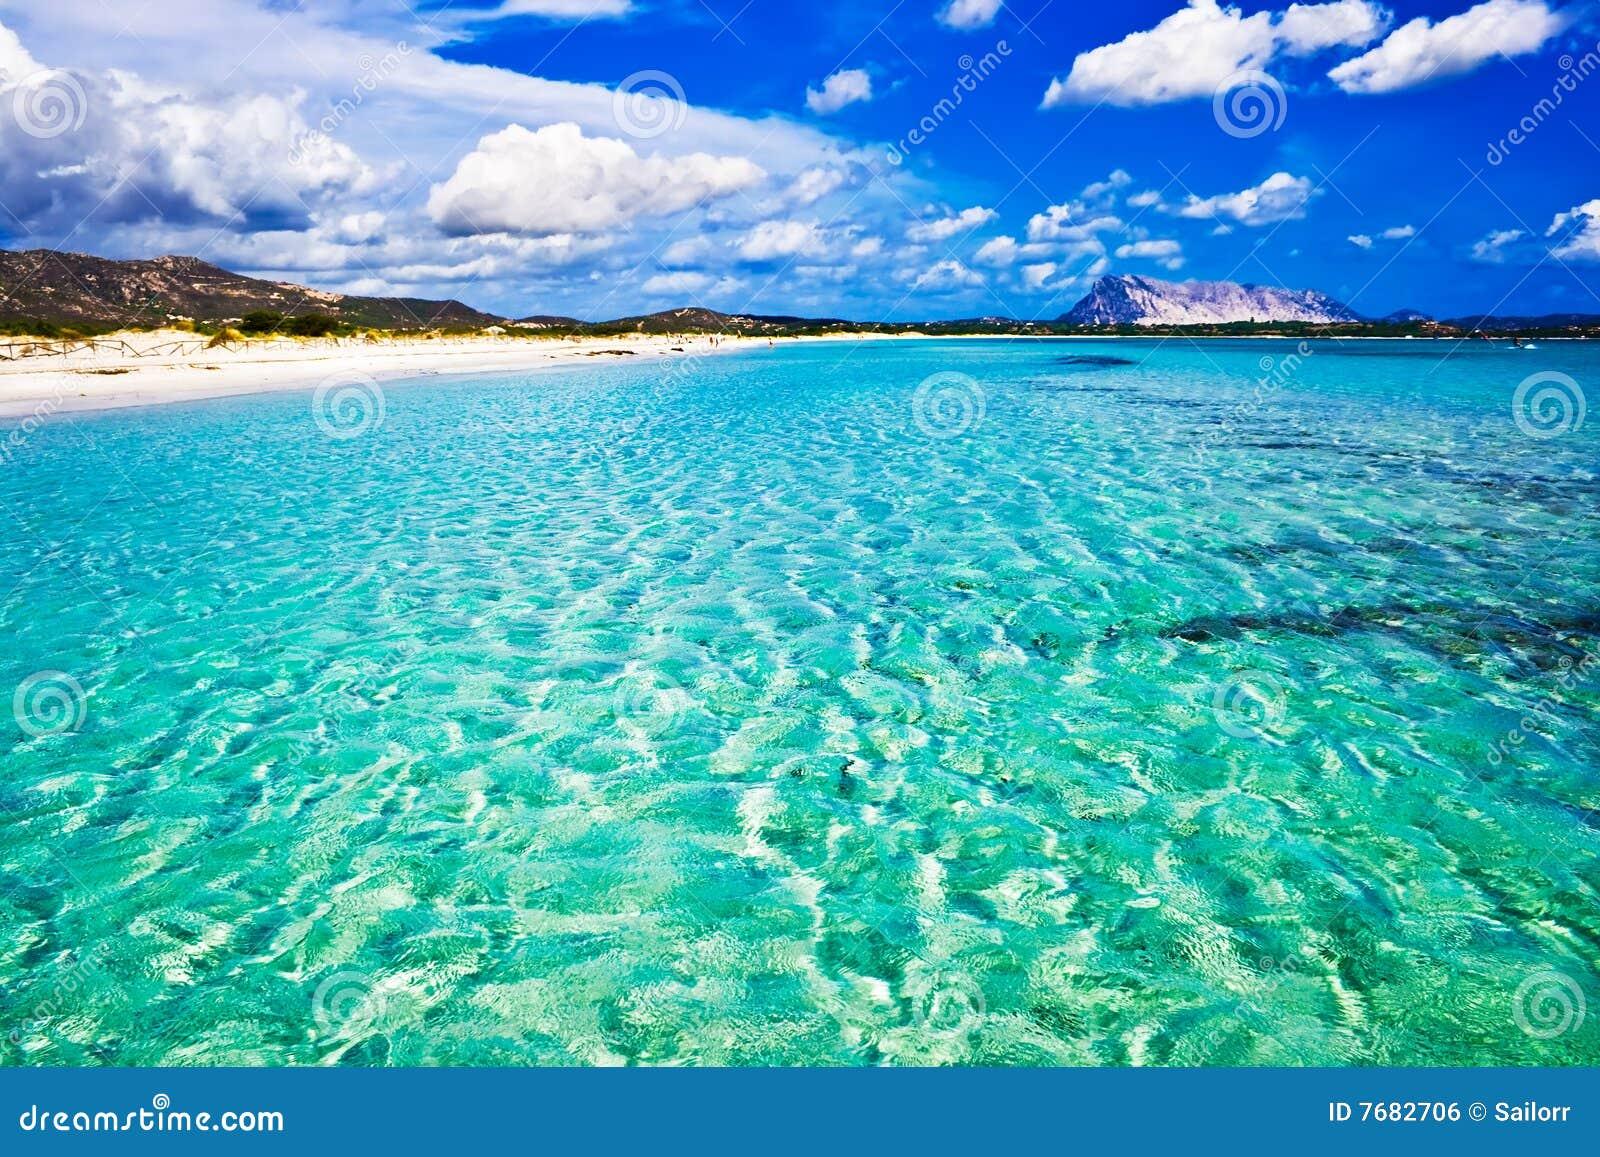 La Cinta Beach in Italy